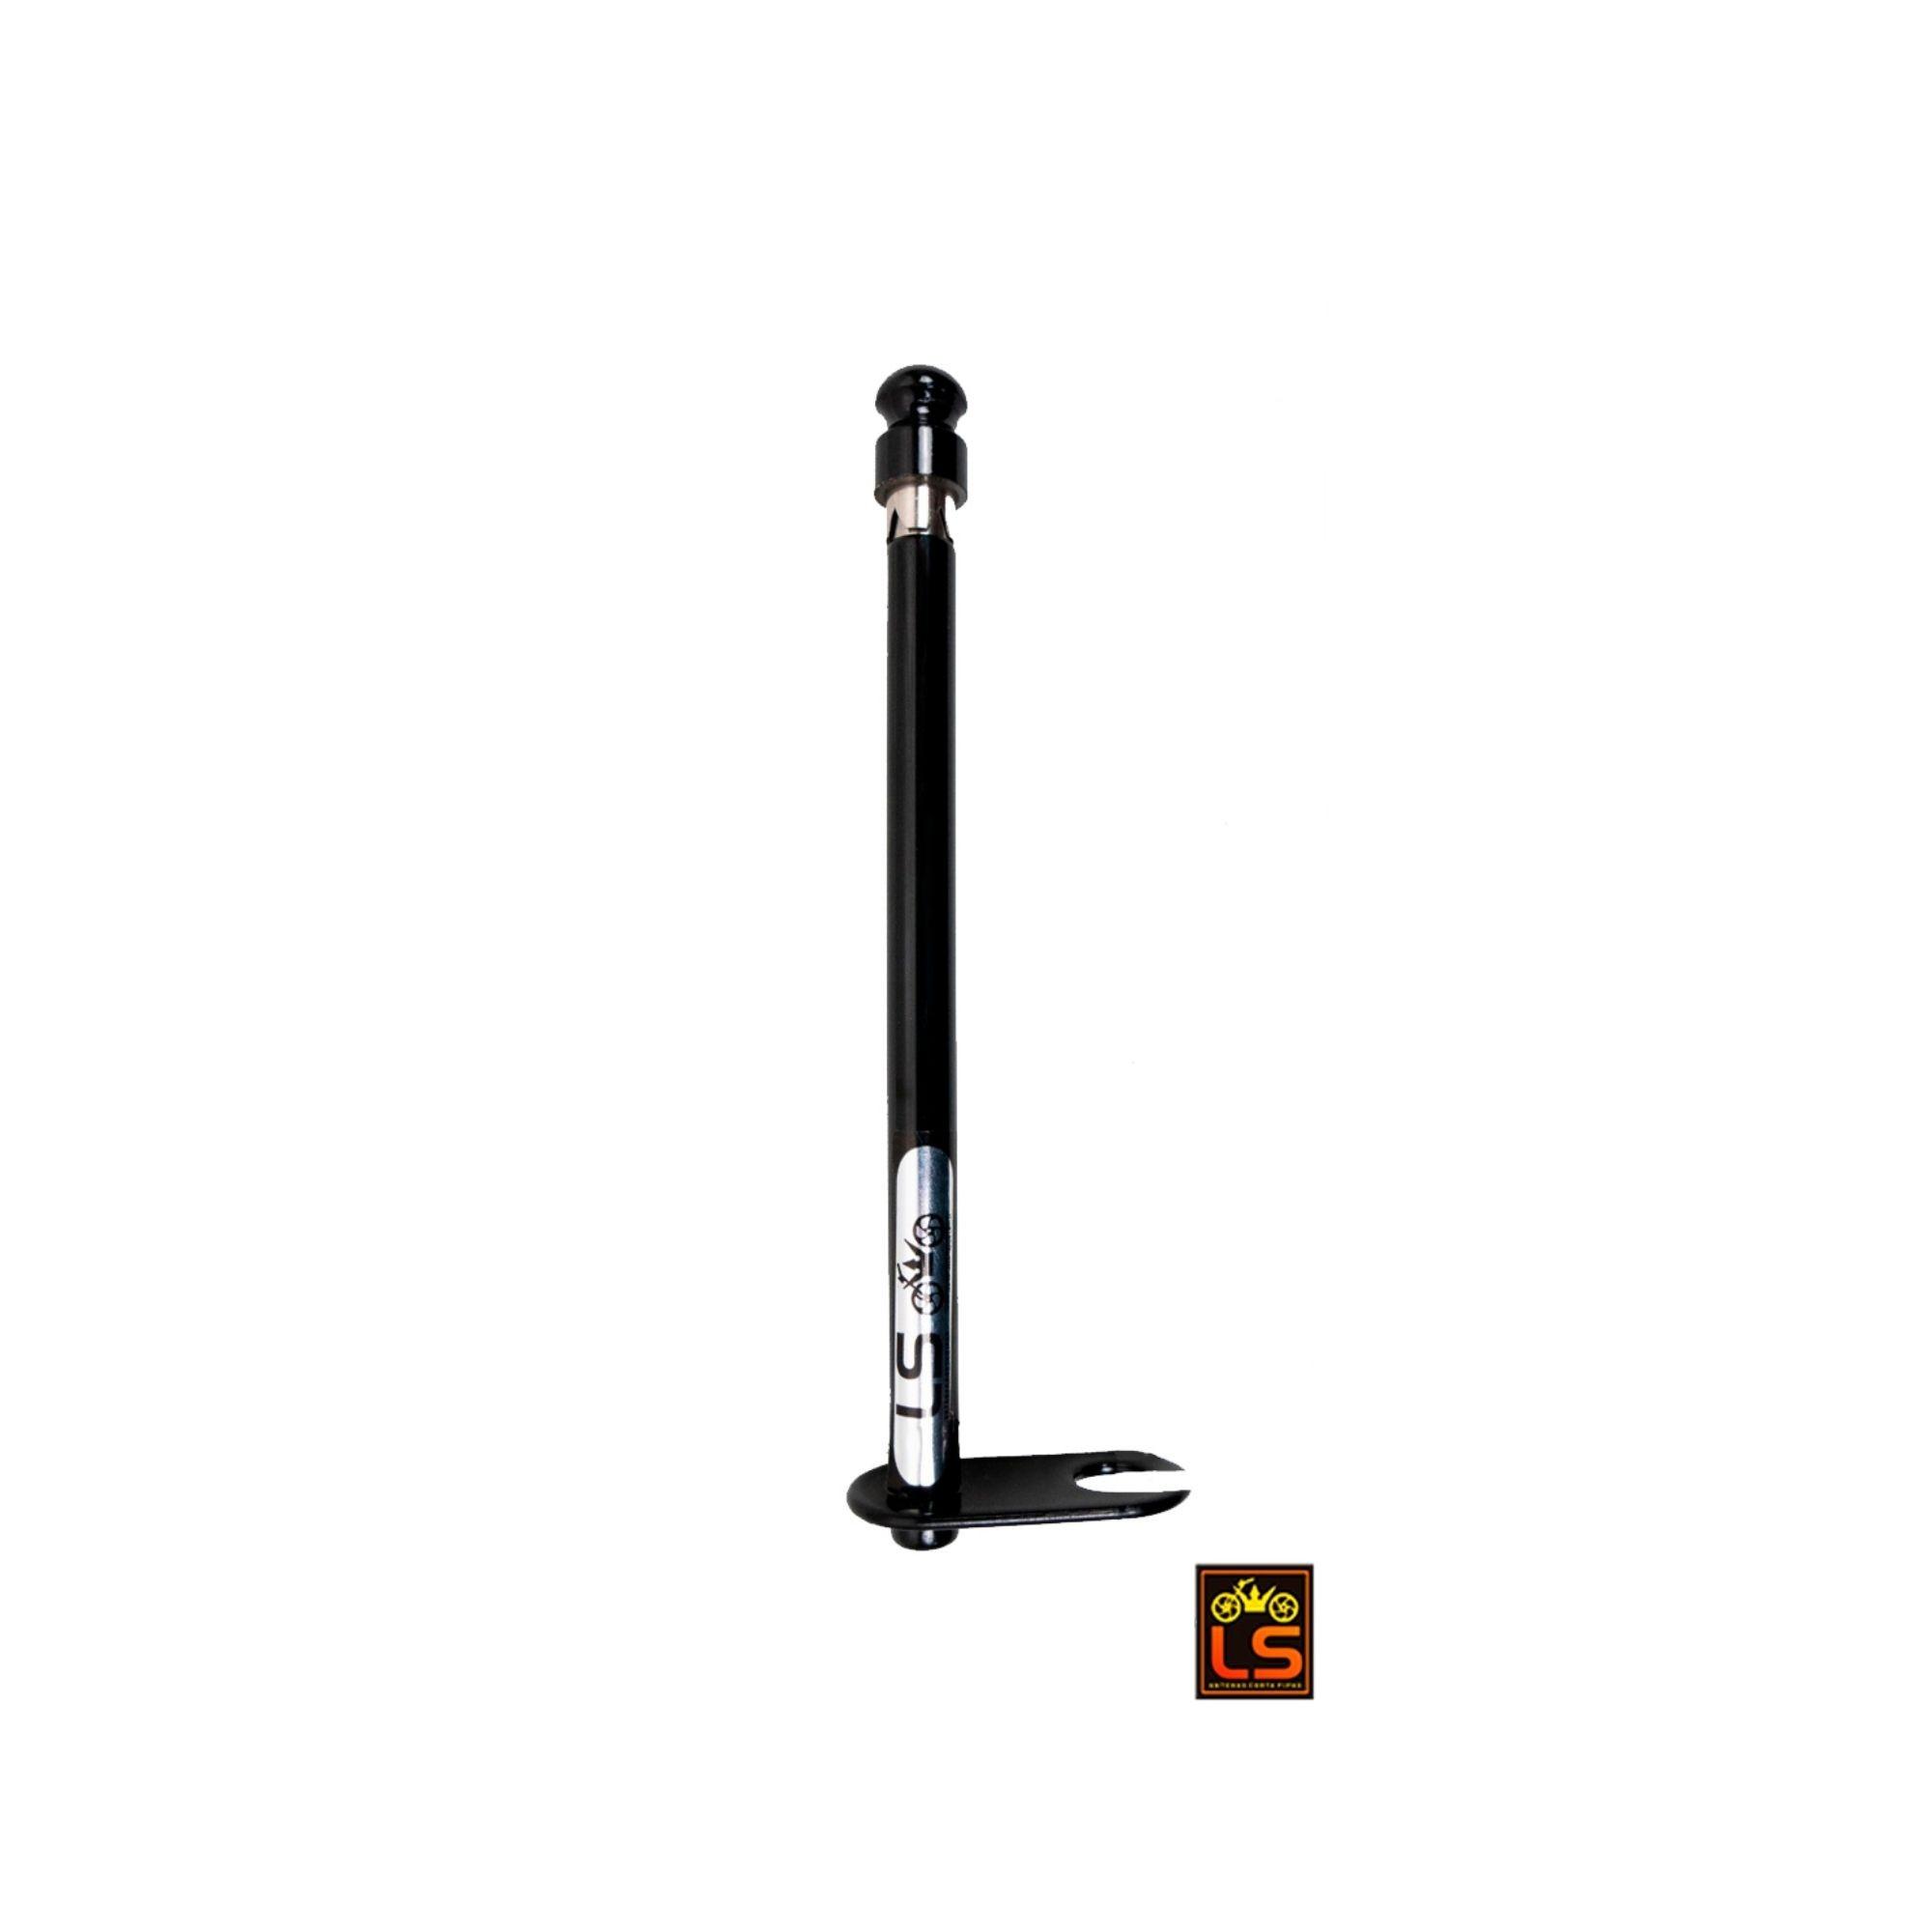 Antena Corta Pipa Moto 6 Estágios Retrovisor Preto Aço Inox LS LS600PT